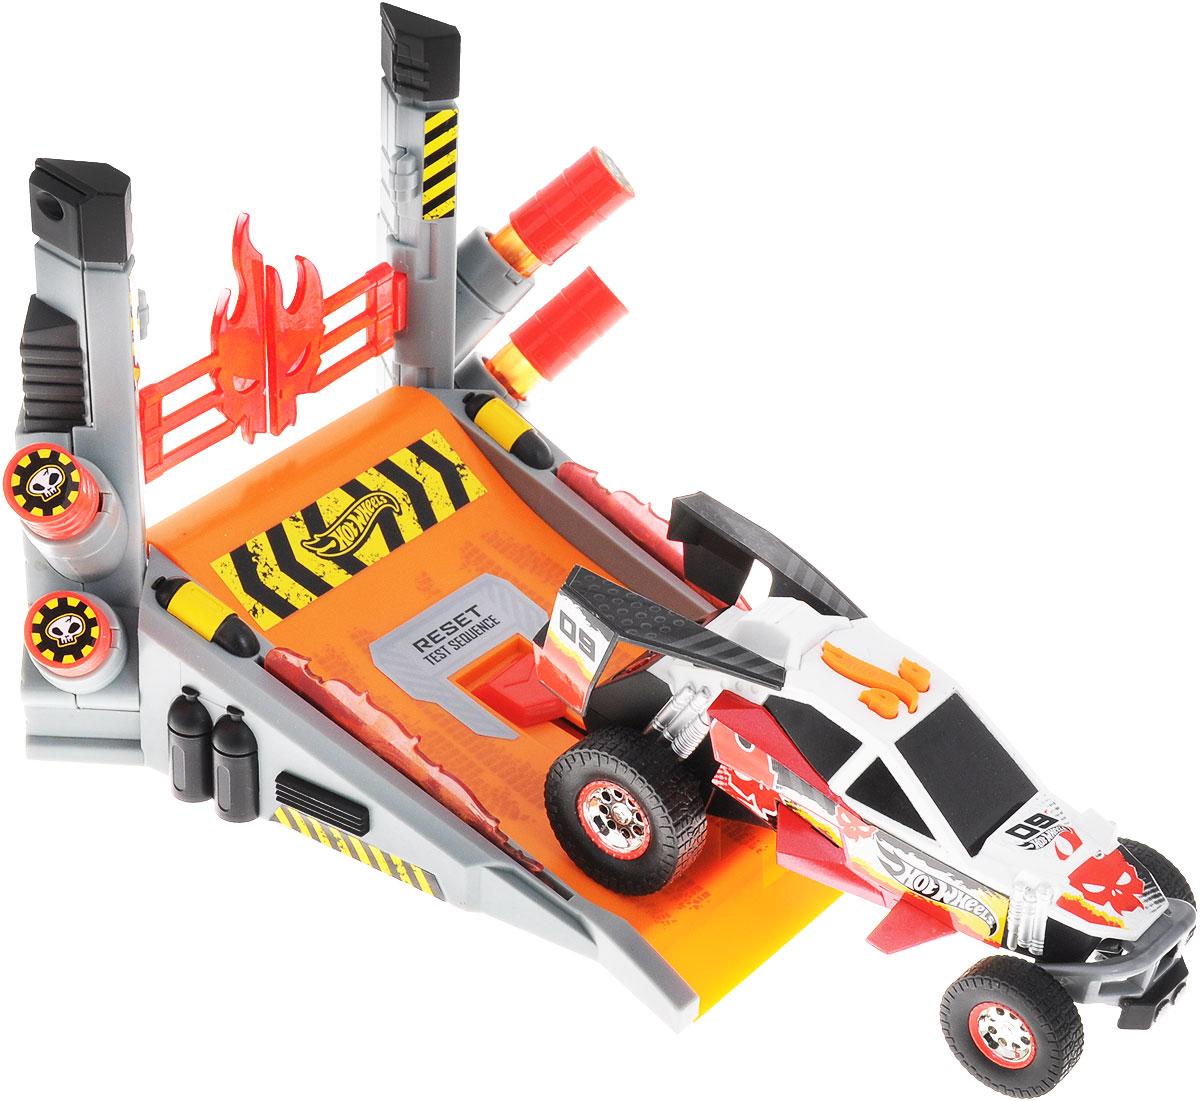 Hot Wheels Игровой набор Безумный трюк90520TSИгровой набор Hot Wheels Безумный трюк со звуковыми и световыми эффектами, несомненно, понравится вашему ребенку и не позволит ему скучать. Игрушка выполнена в виде стильной гоночной машины. При нажатии на кнопки, расположенные на крыше, воспроизводятся звуки работающего двигателя, играет музыка, а фары машинки начинают светиться. Нажмите на центральную кнопку и фары машинки загорятся, она поедет вперед. В набор входит пусковая станция для машинки, которая позволит ей демонстрировать безумные трюки - проезжать скозь огонь, лед или стену. Ваш ребенок часами будет играть с машинкой, придумывая различные истории и устраивая соревнования. Порадуйте его таким замечательным подарком! Рекомендуется докупить 3 батарейки напряжением 1,5V типа AАА (товар комплектуется демонстрационными).